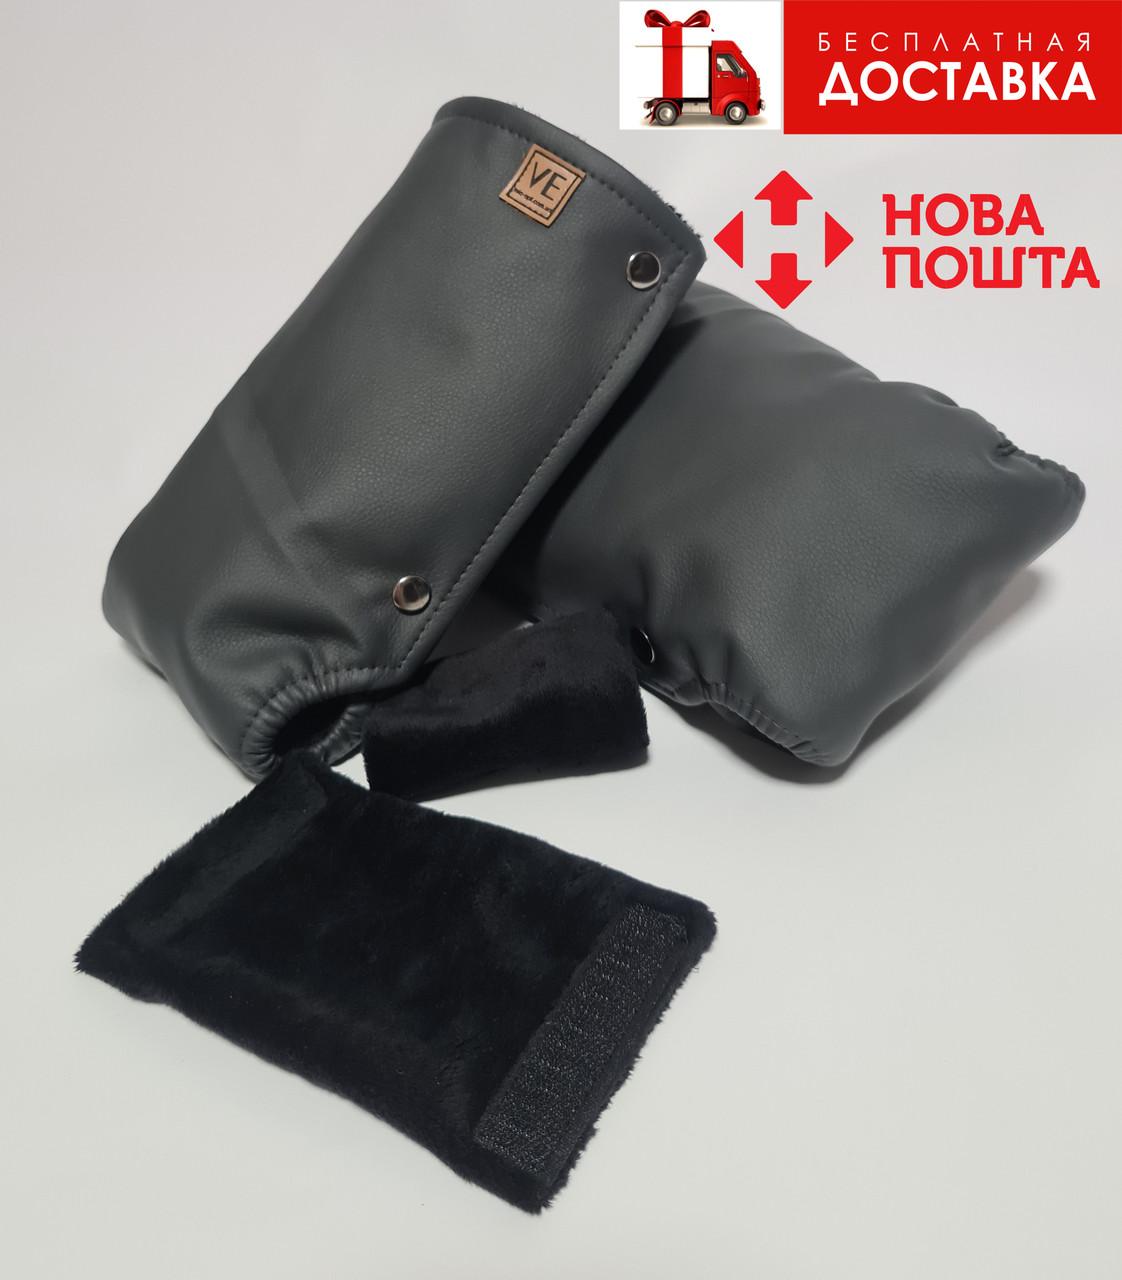 Муфта, рукавички на коляску (санки) ЭКО-КОЖА